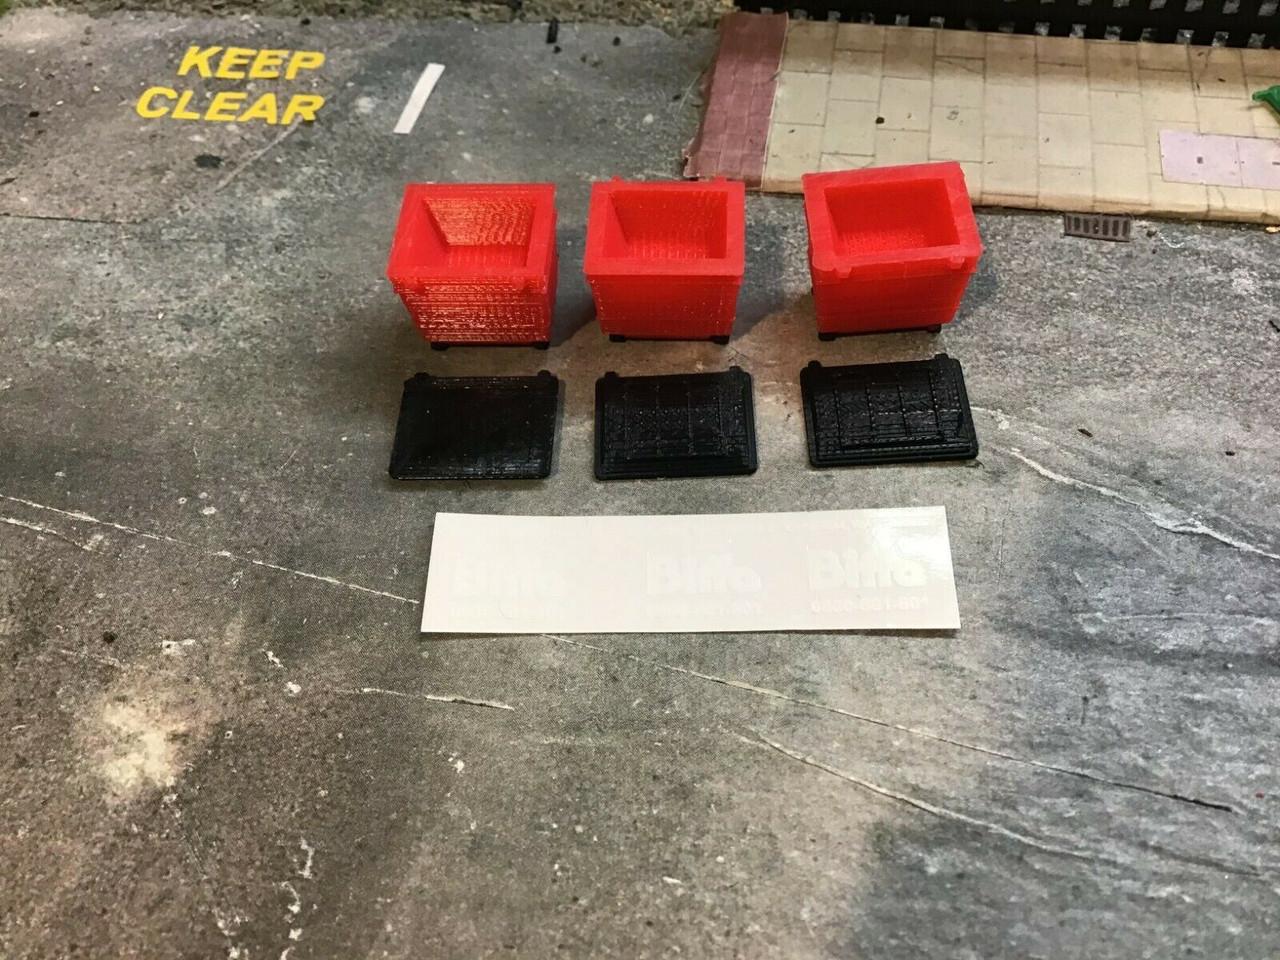 1:76 scale / 00 Gauge 3D Printed Industrial Bin x3